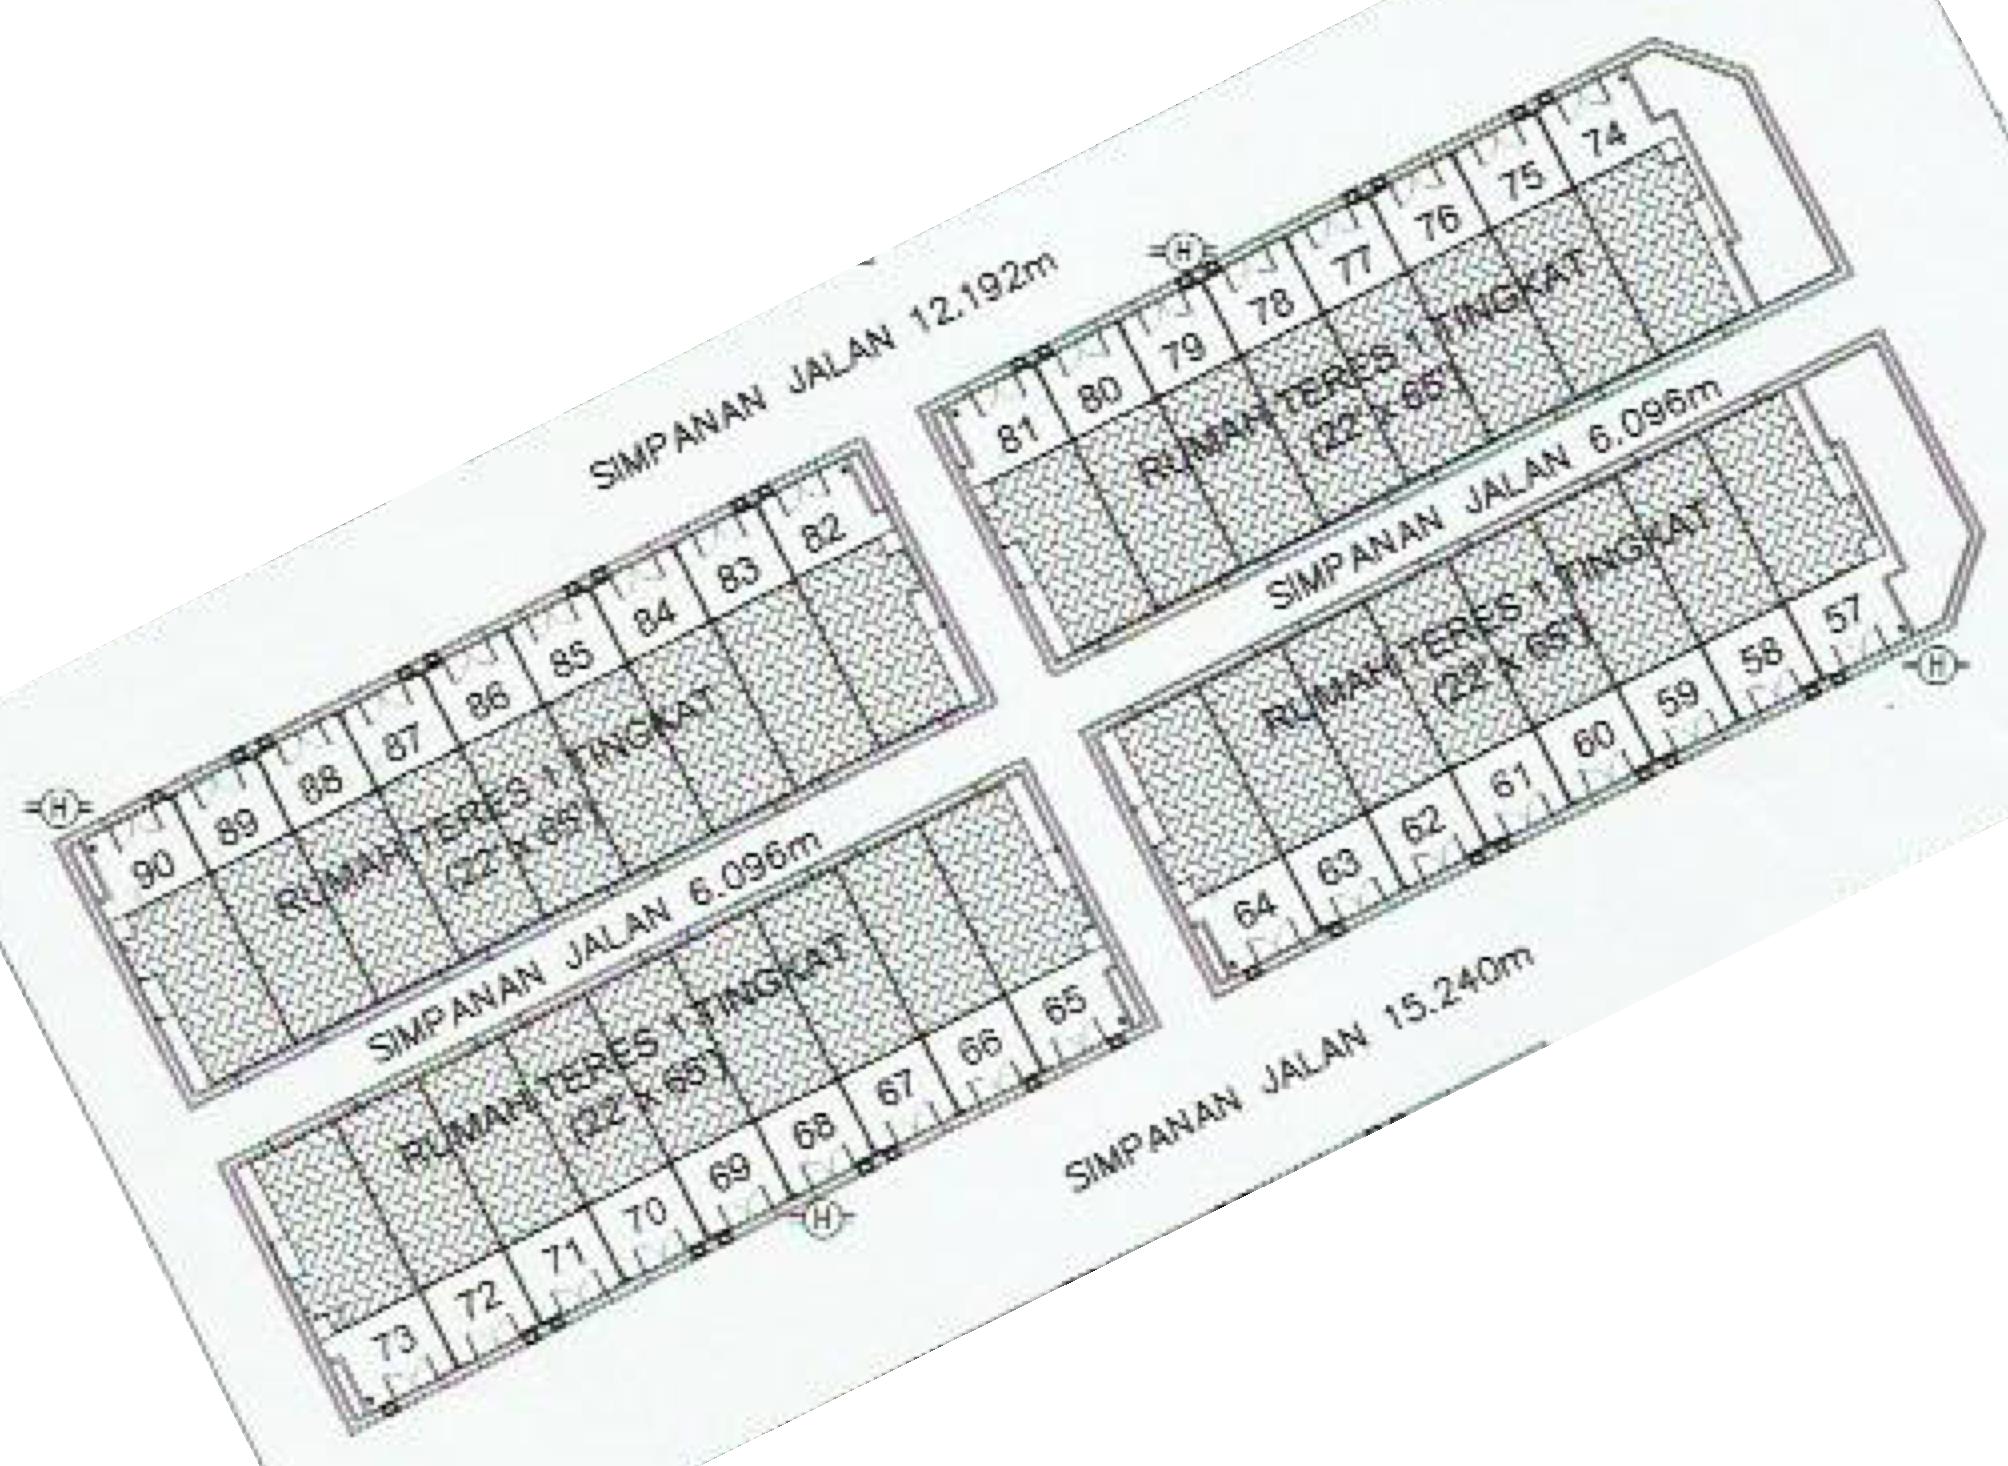 Taman Mahkota Aman 2 (Teres Setingkat) Fasa 1 29